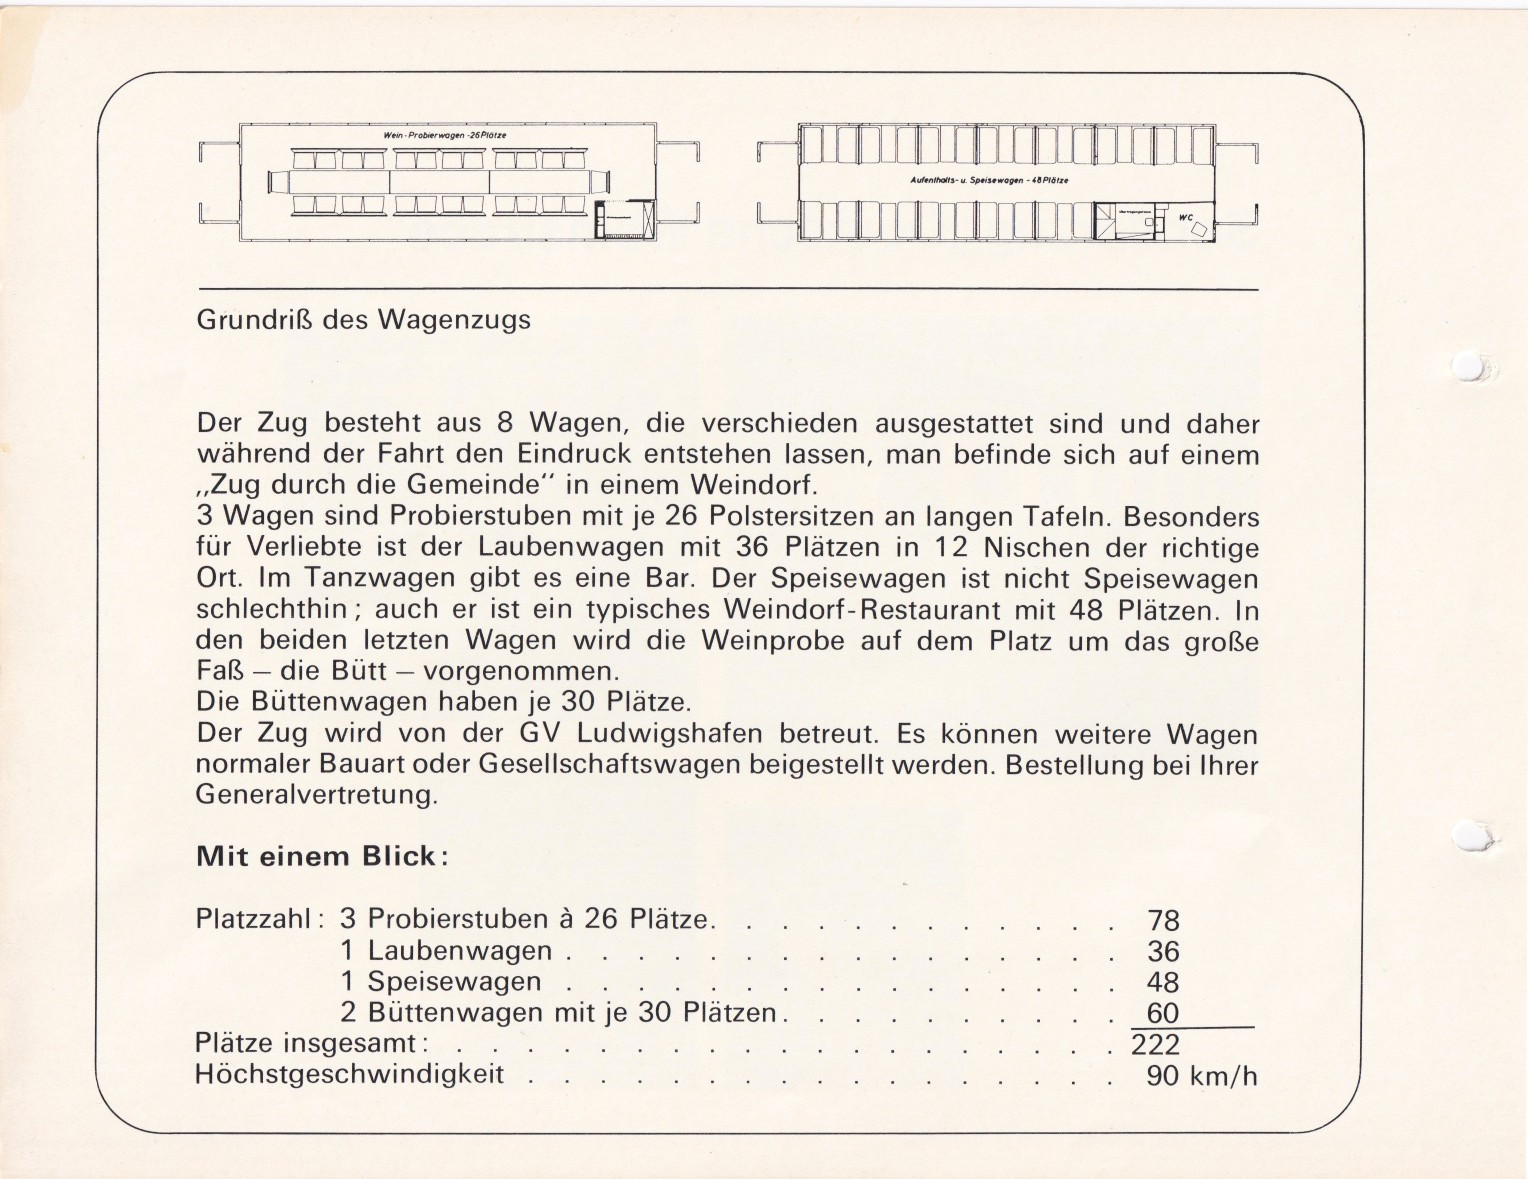 https://www.nullclub.de/hifo/Fahrzeuglexikon/Wagen43b.jpg